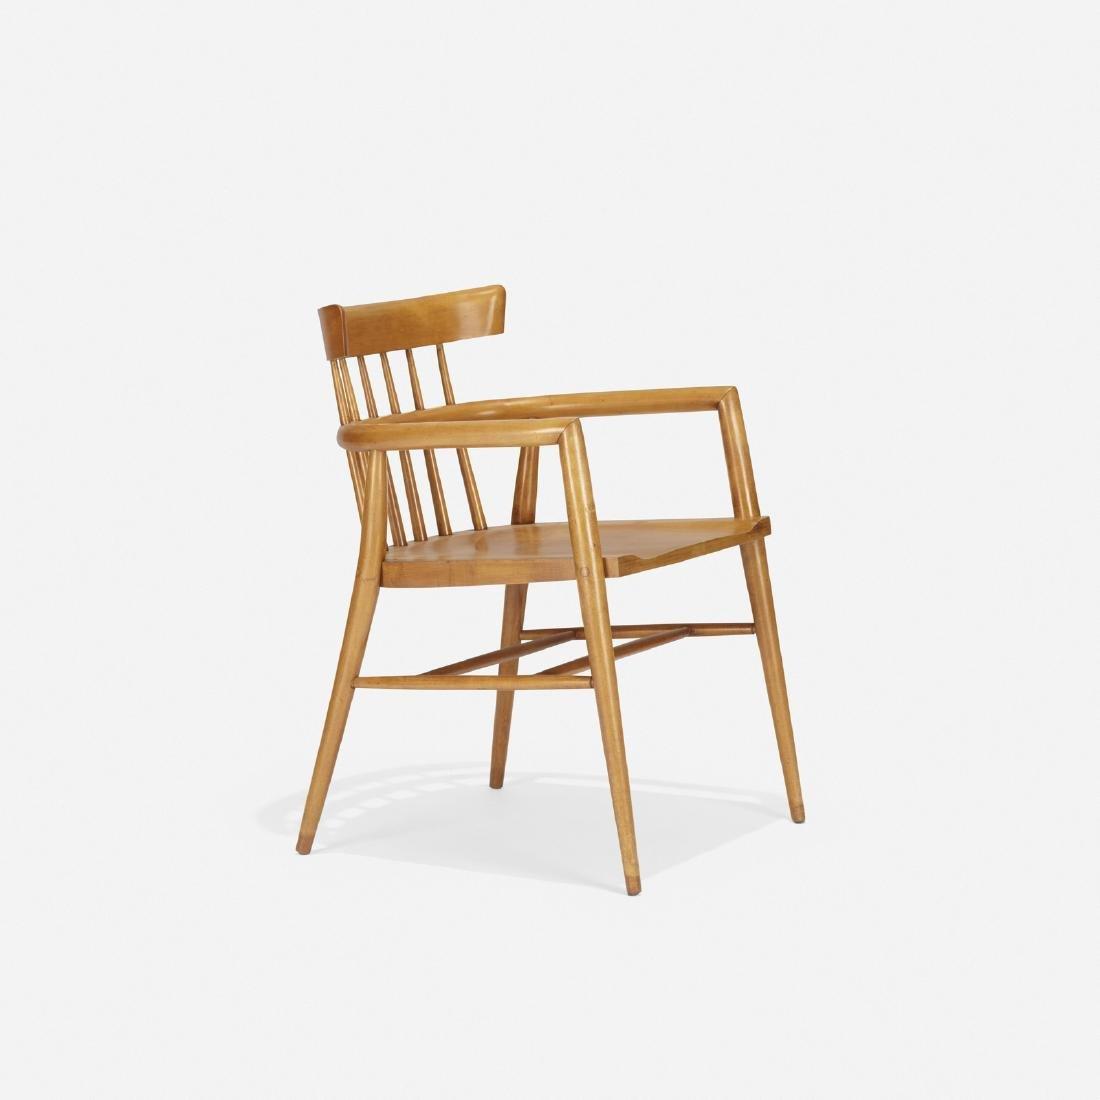 Paul McCobb, Planner Group Captain's chair, model 1532